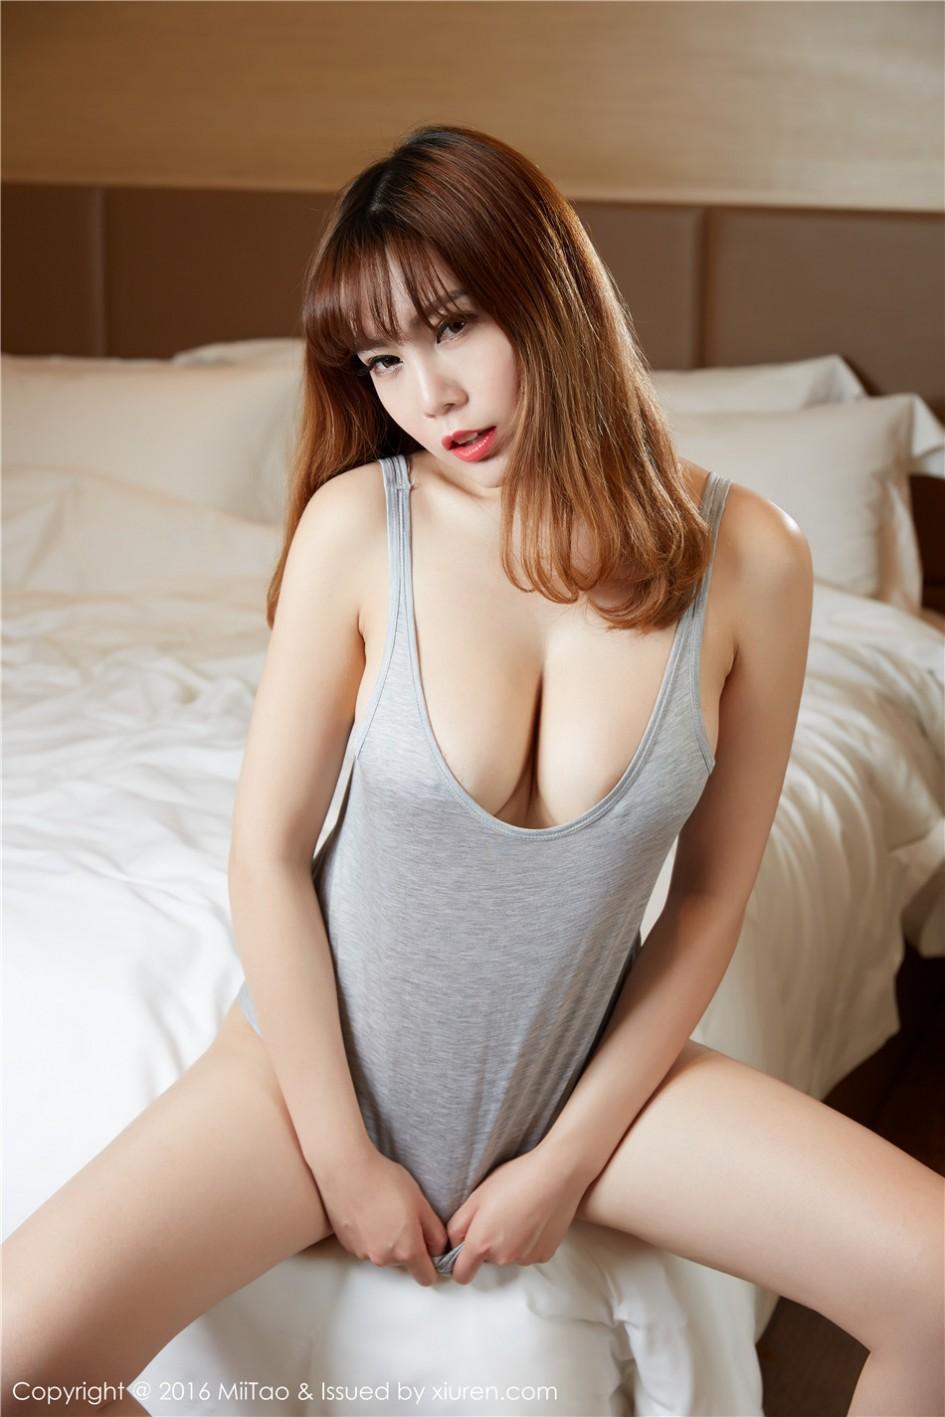 [秀人·蜜桃社]巨乳少妇沐子熙V床上大胆人体艺术照